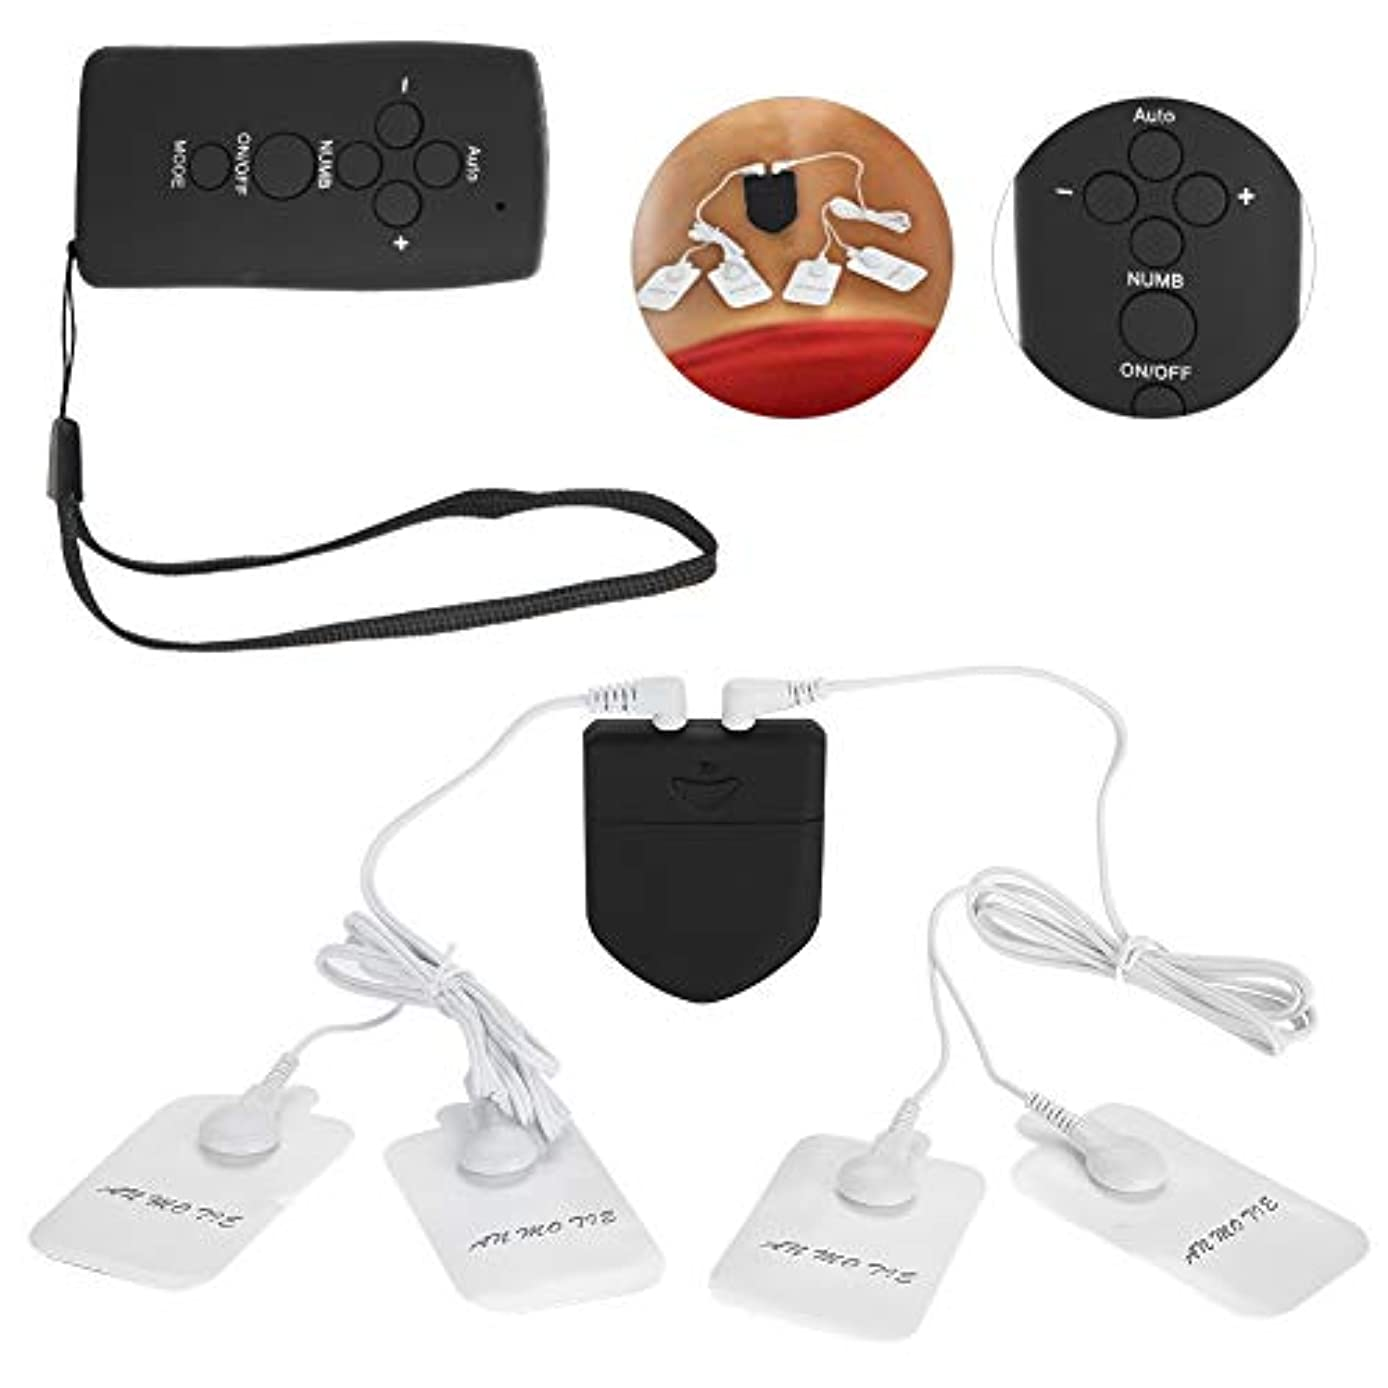 サービス活性化する海賊マッサージ装置、ワイヤレスリモコンデュアル出力多機能マッサージャー